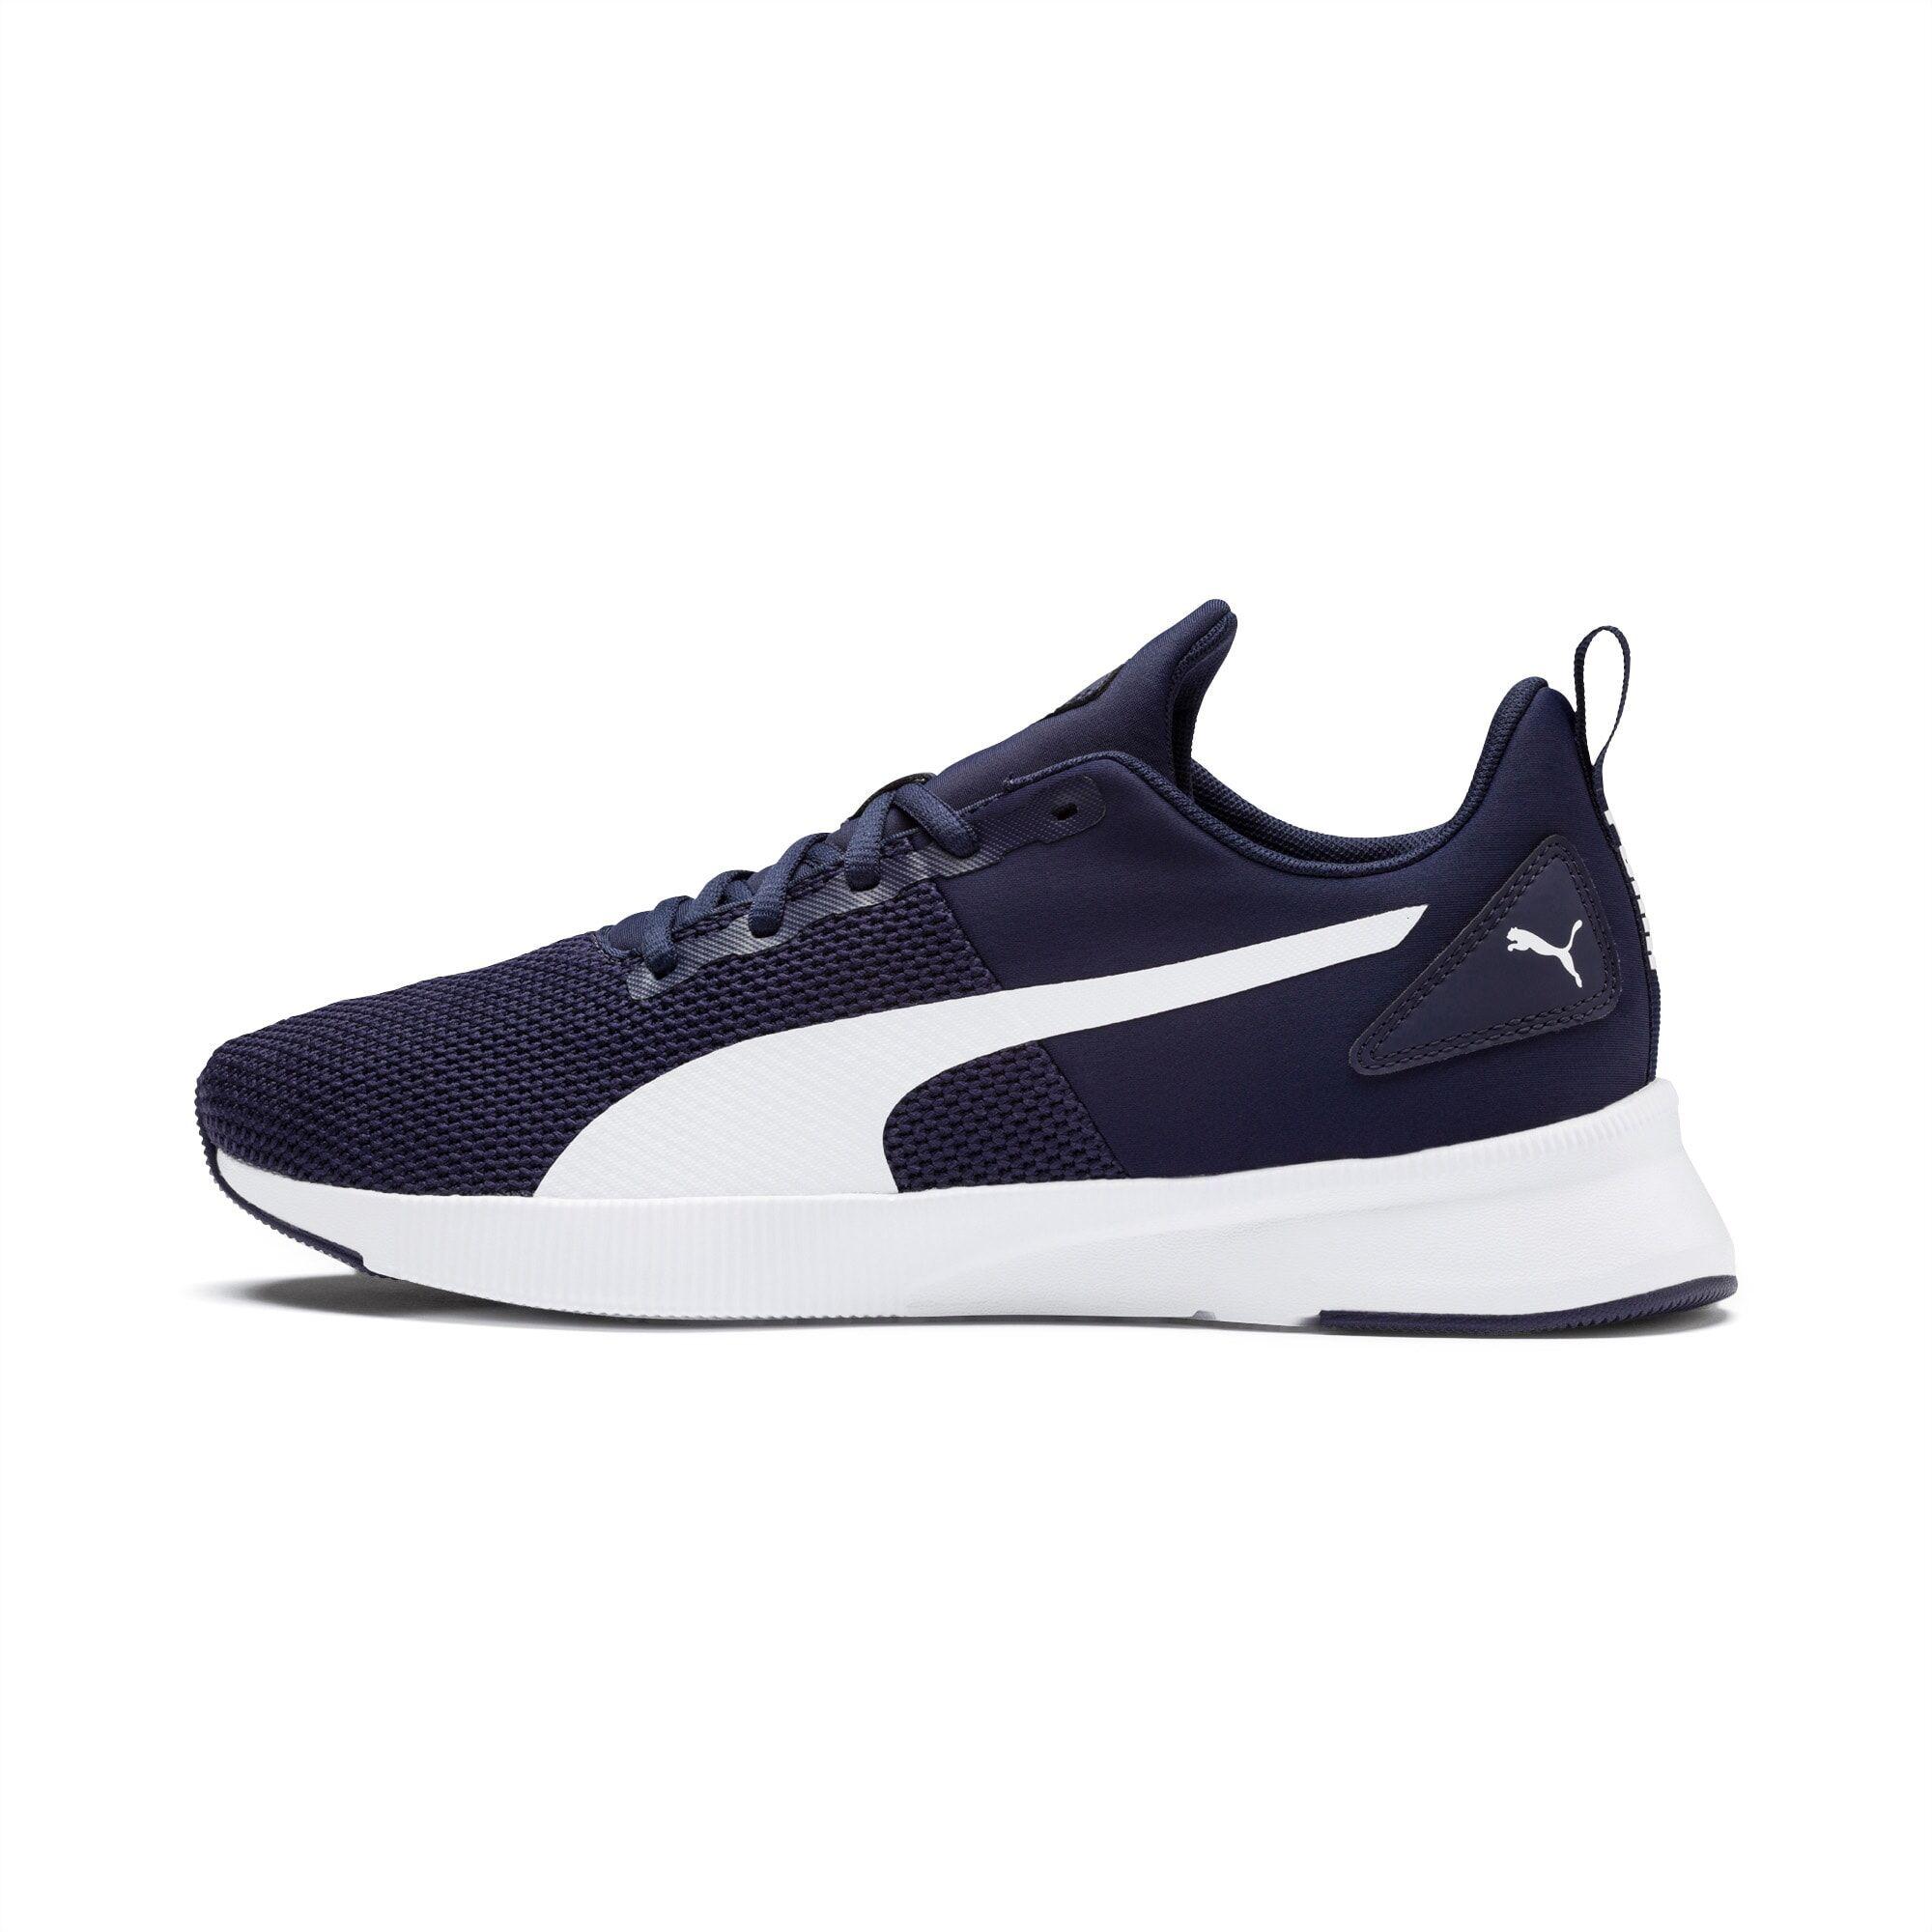 PUMA Chaussure de course Flyer Runner, Bleu/Blanc, Taille 36, Chaussures